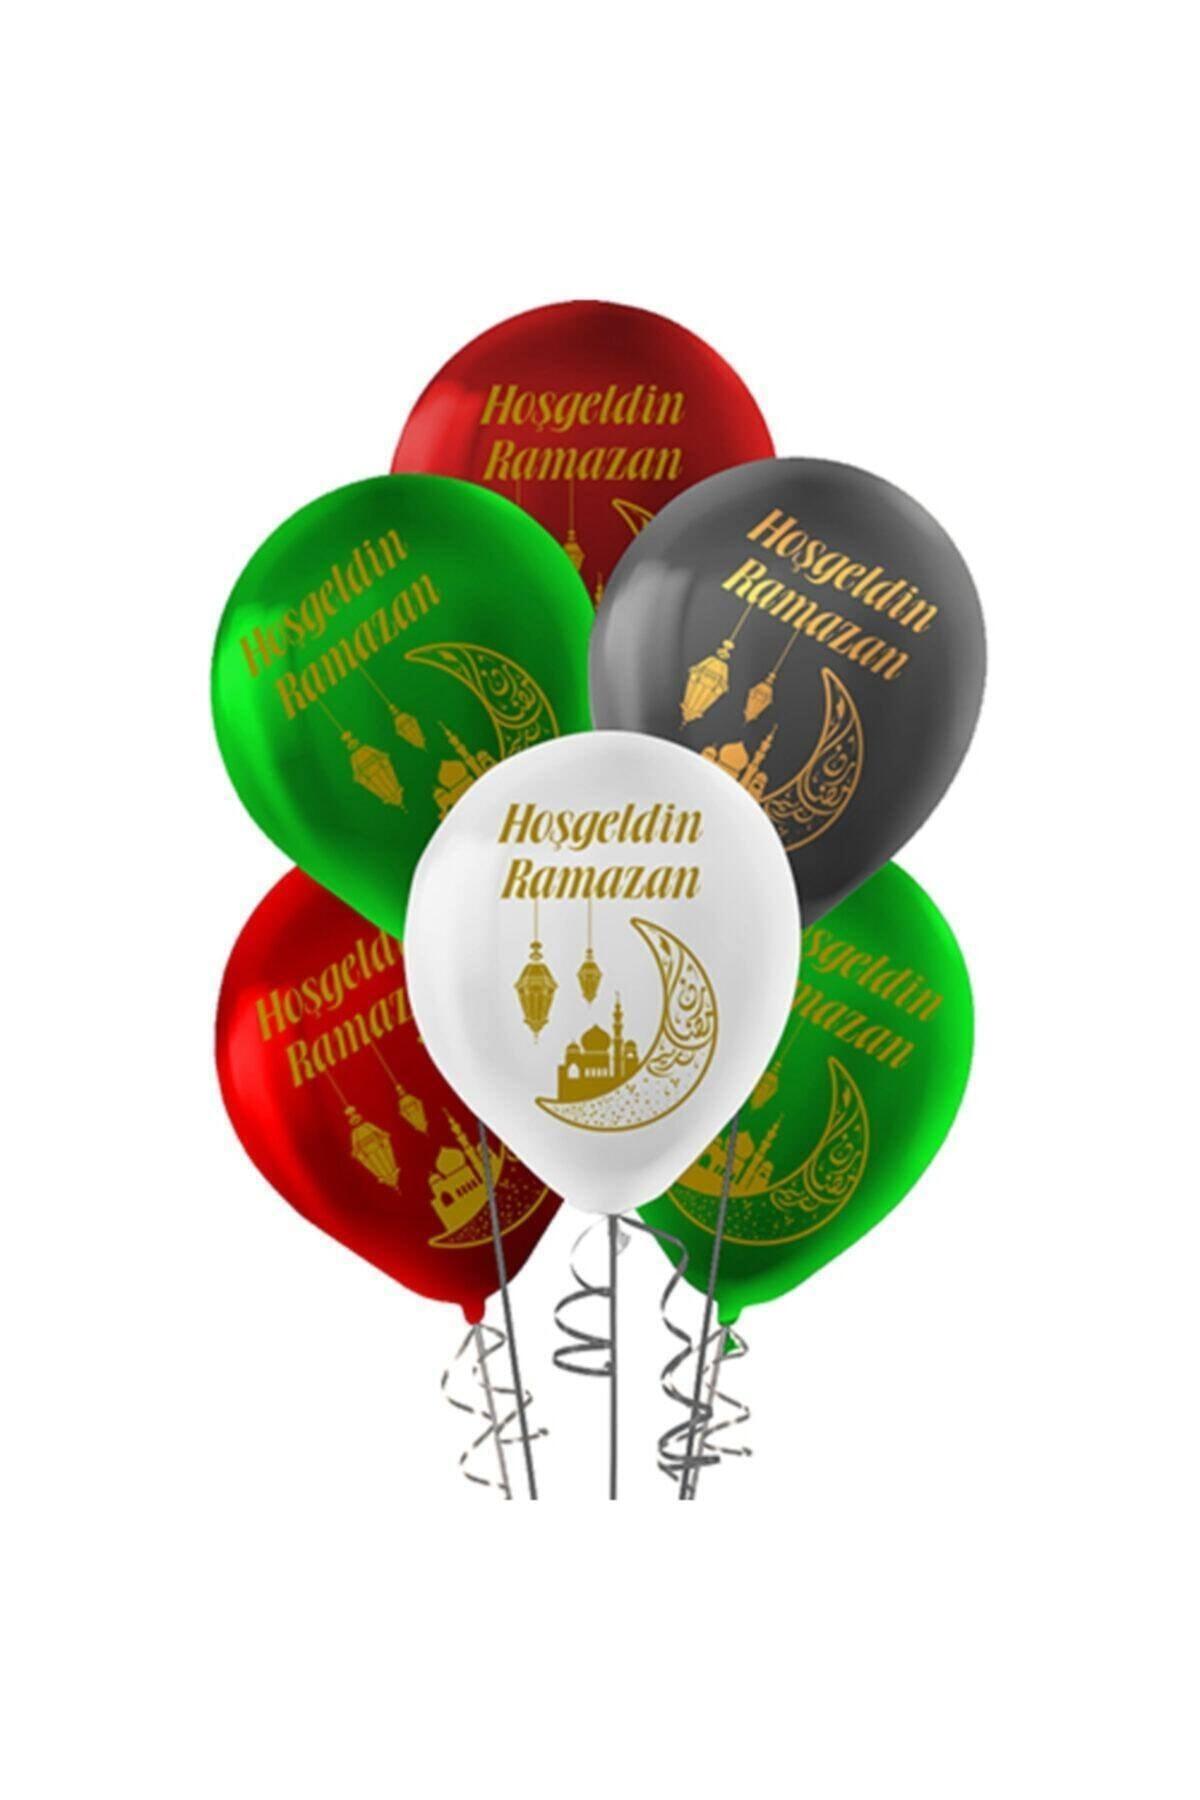 Hoşgeldin Ramazan Baskılı 10 Adet Balon Dini Islami Bayram Süsü Beyaz Yeşil Siyah Bordo Renkli